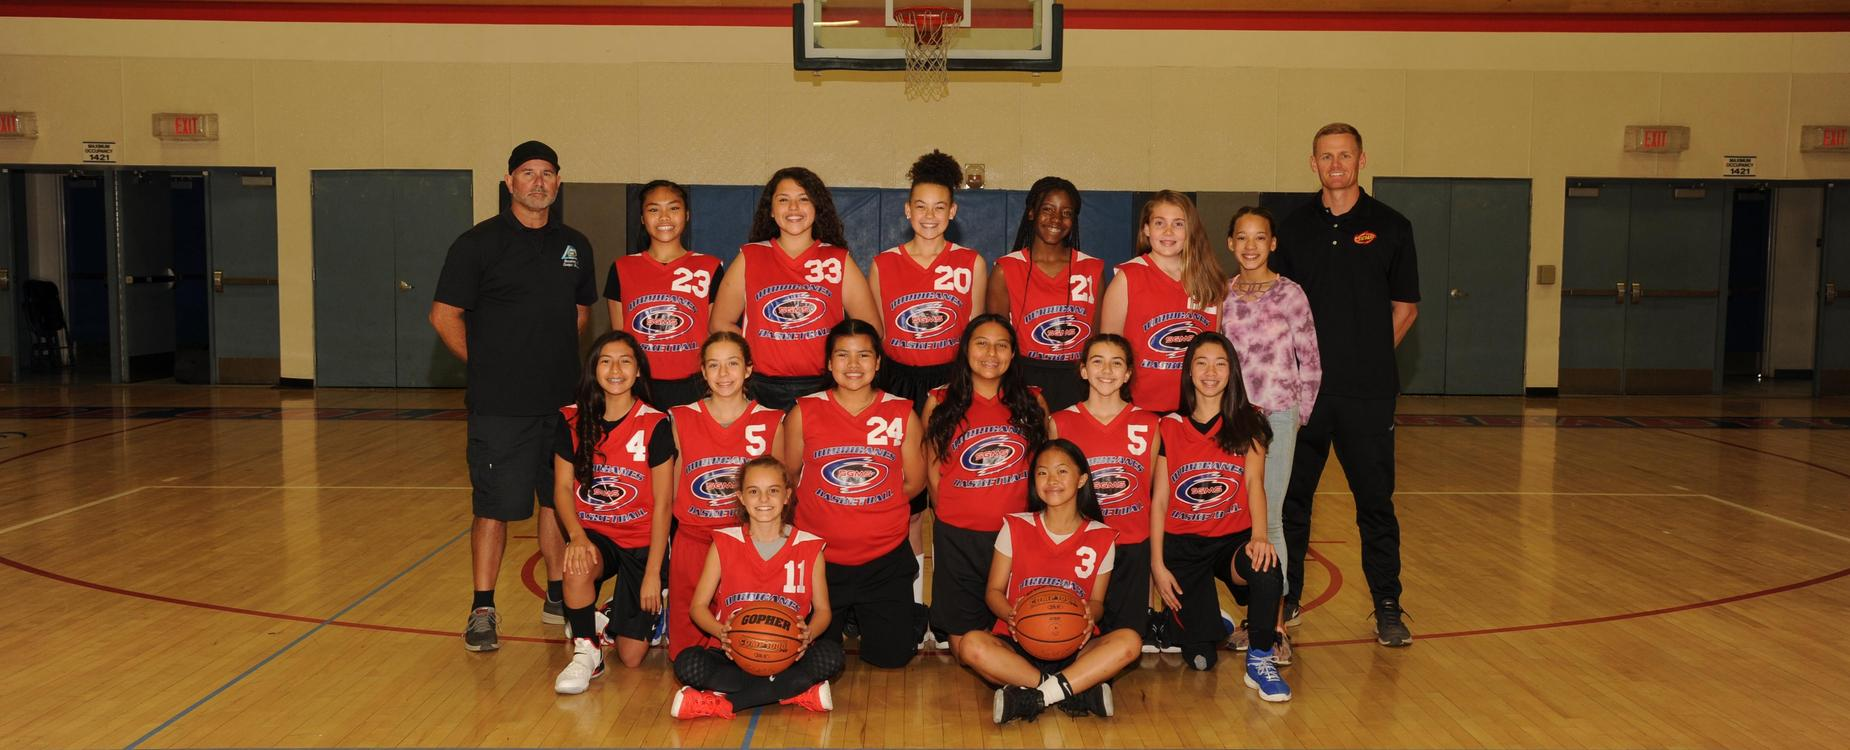 SGMS Girls Basketball Team 17-18